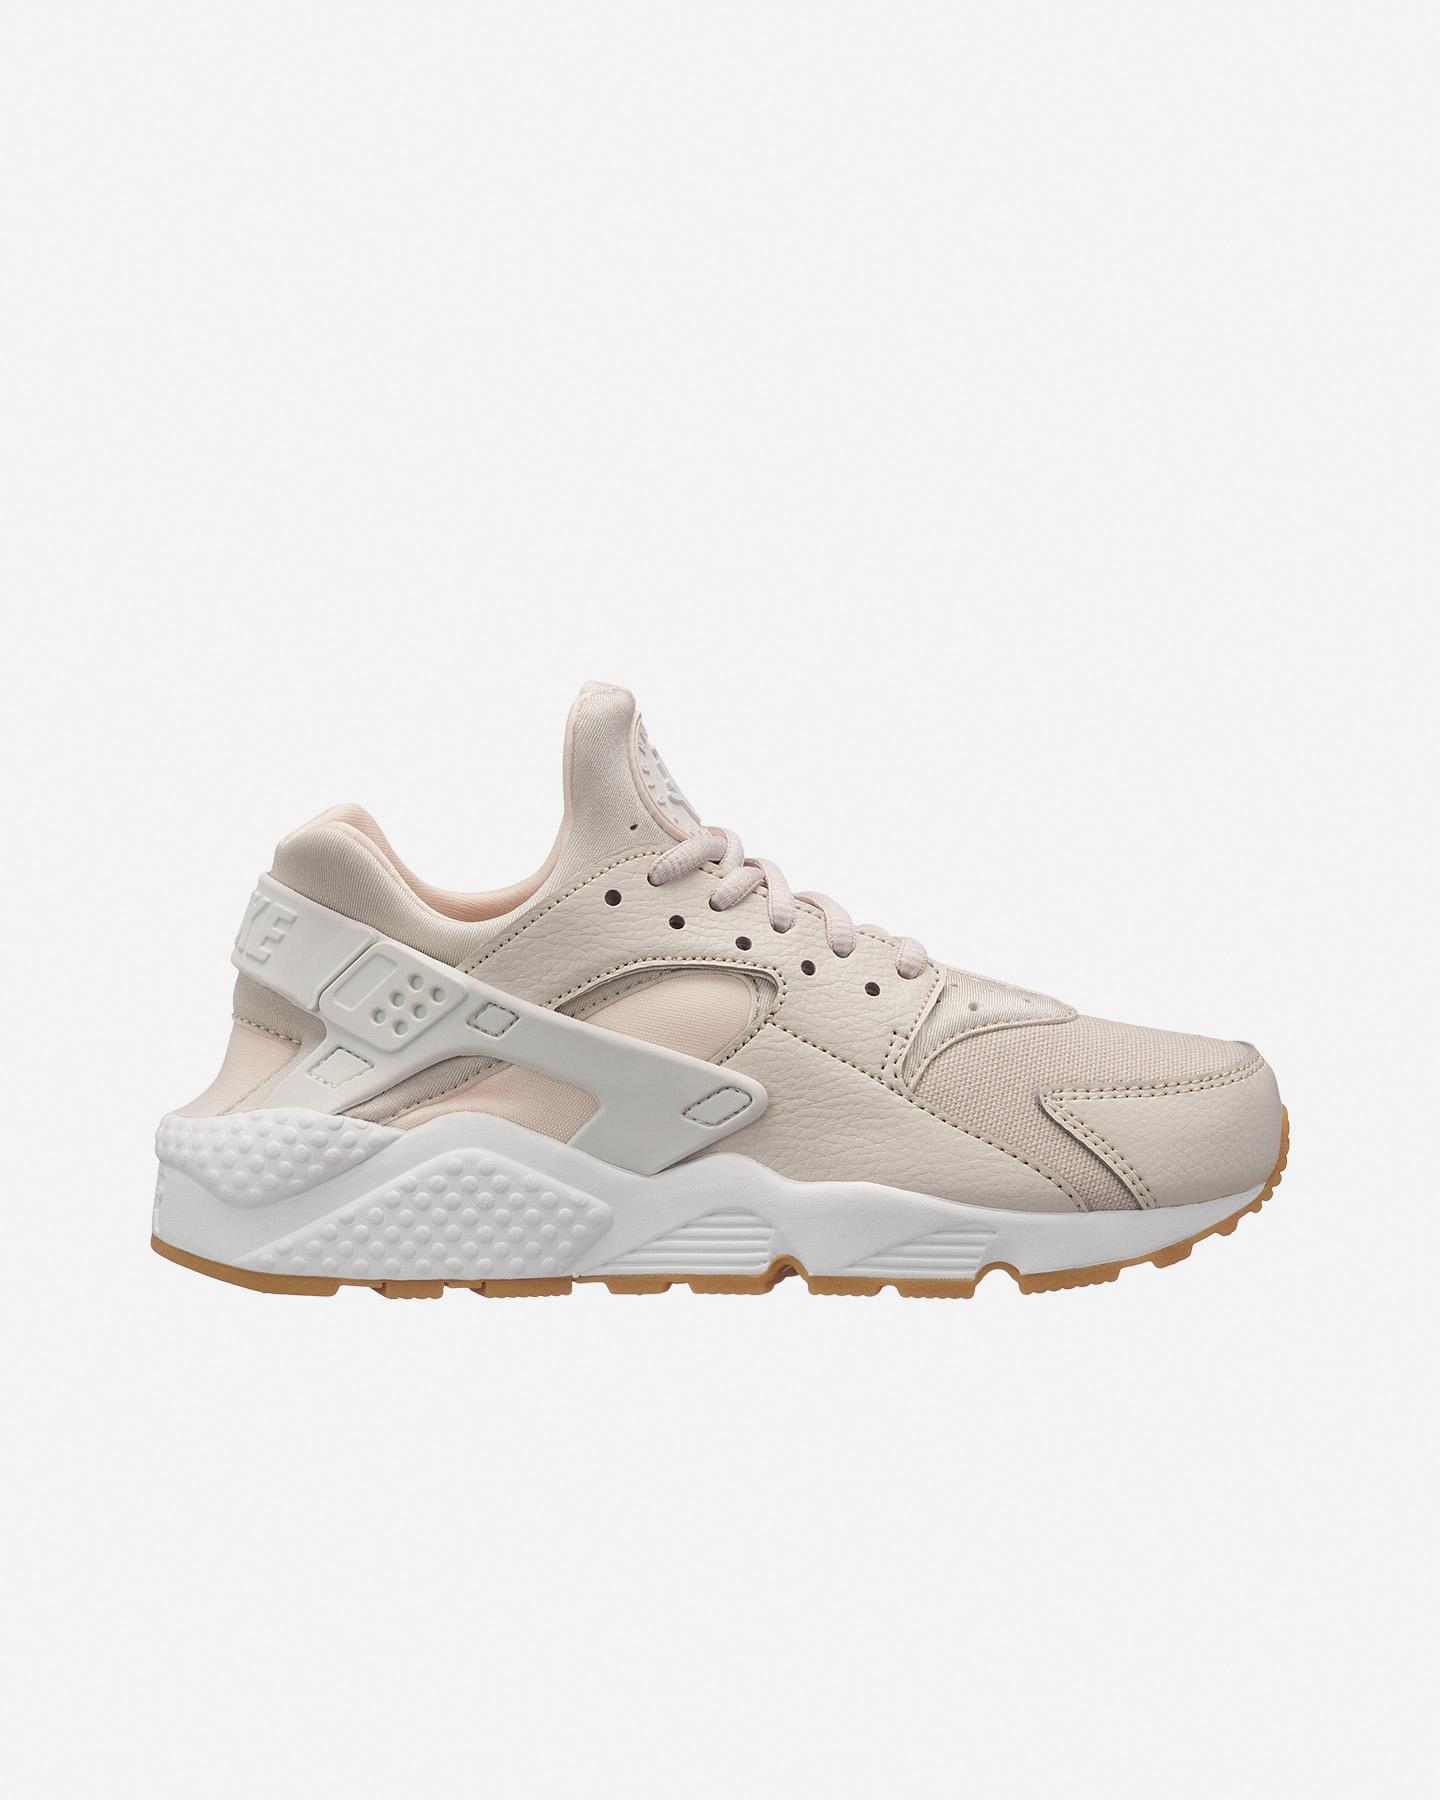 af97a0f4c87e0 Scarpe sneakers NIKE HUARACHE RUN W ...